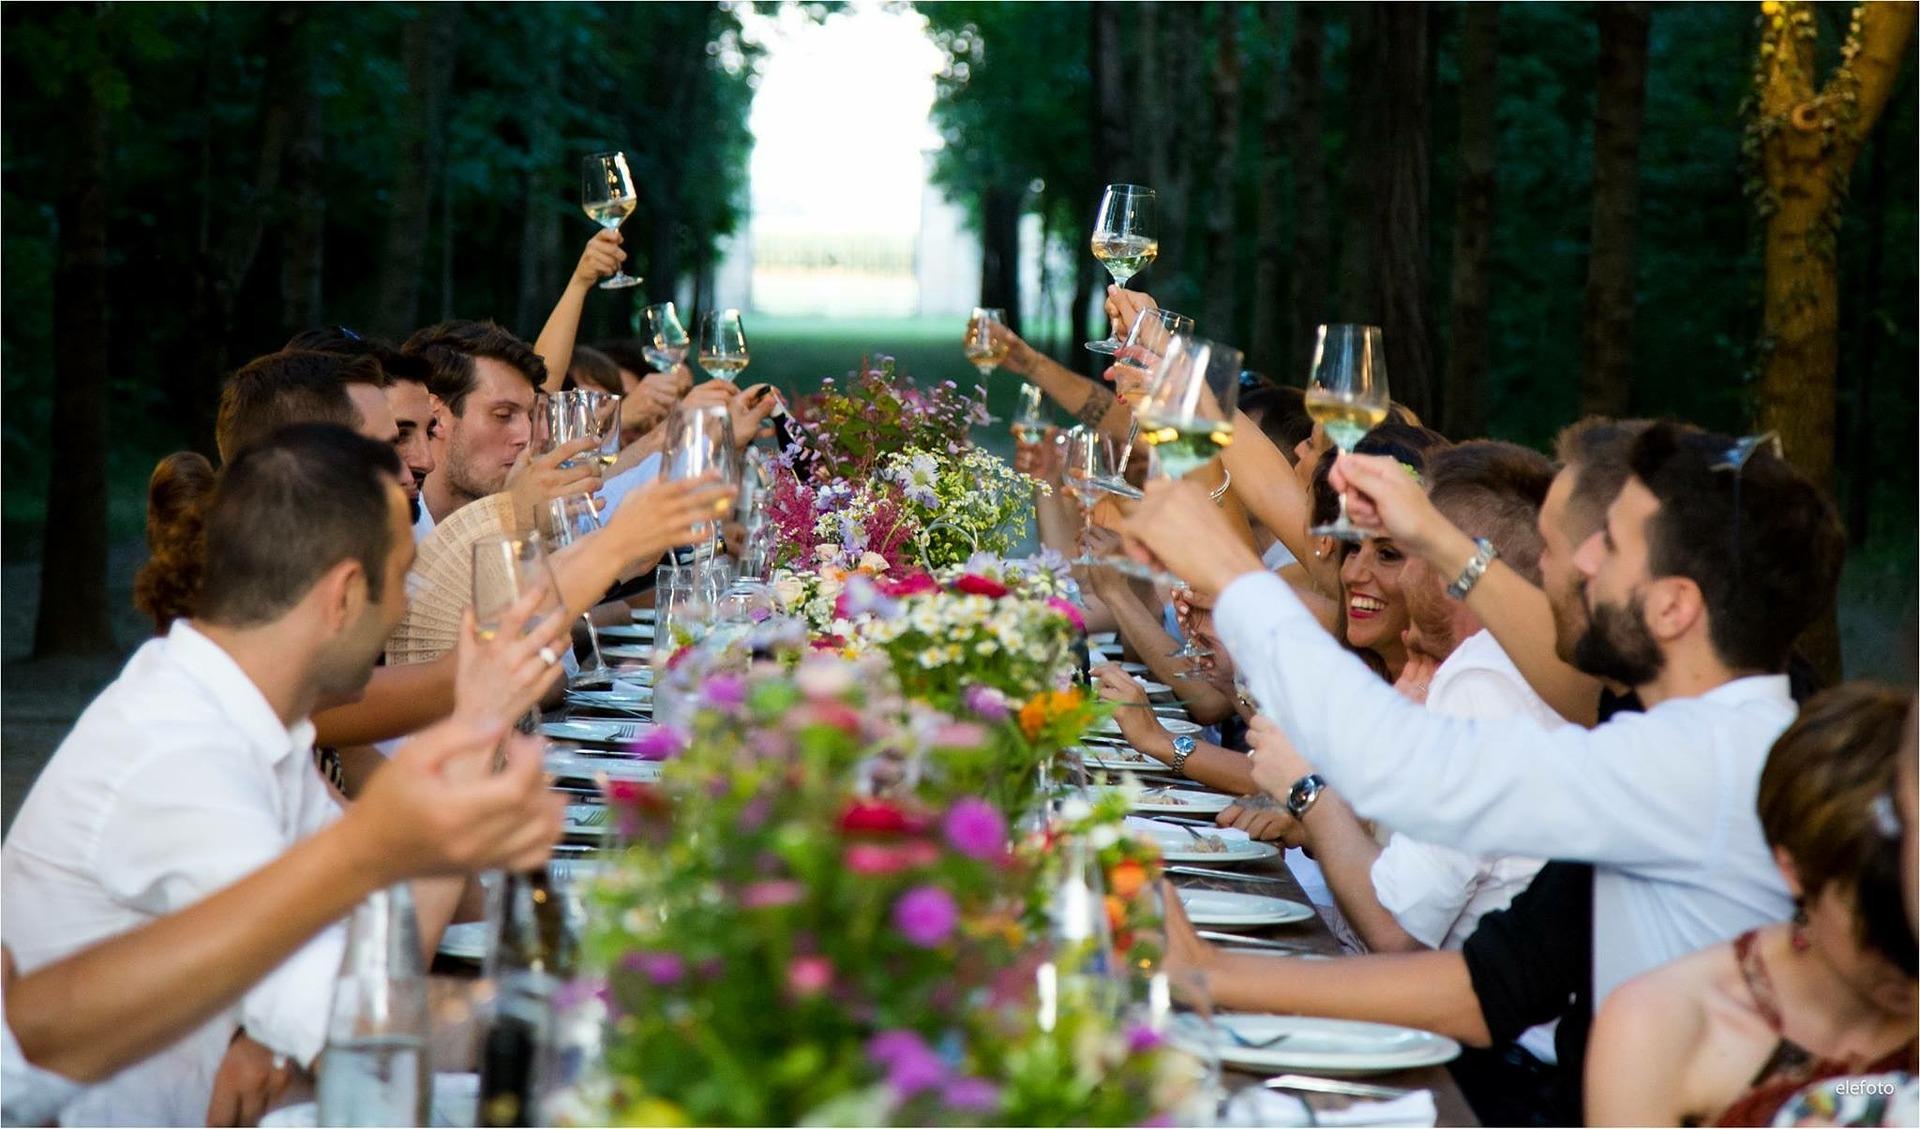 Festa de casamento – Dicas Essenciais